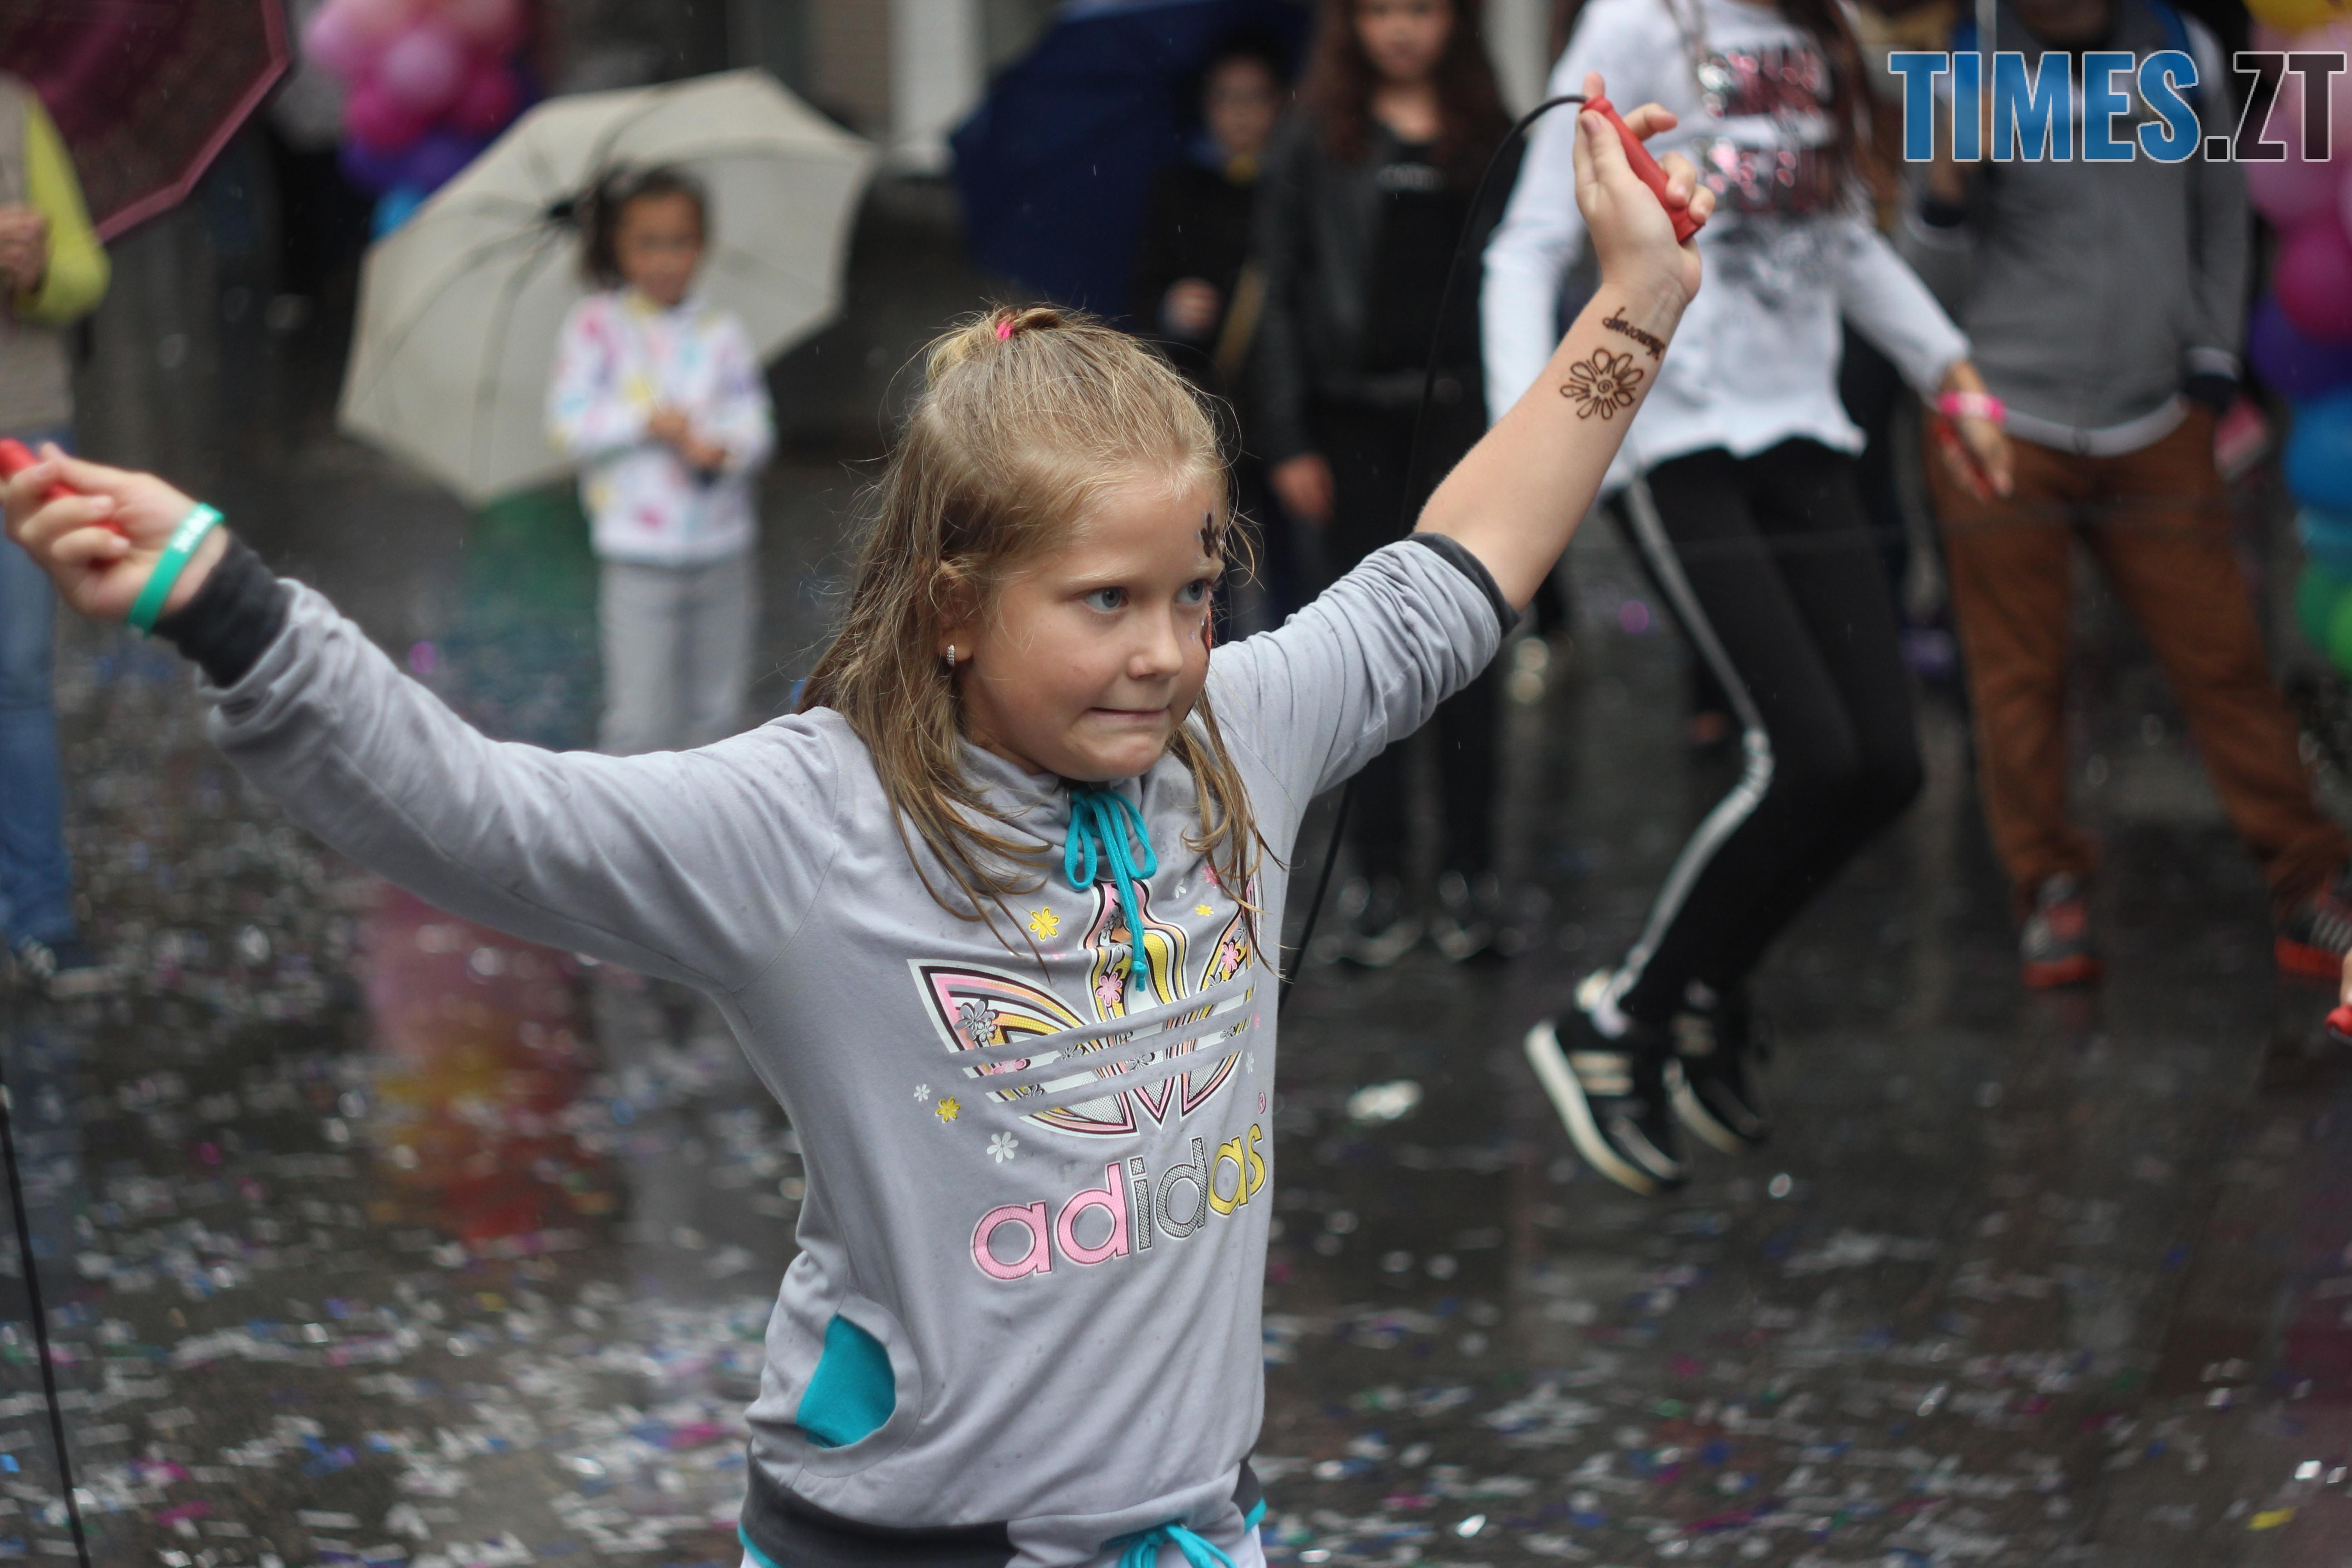 IMG 9707 - Дитячі розваги на Михайлівській: маленькі житомиряни святкують День міста (ФОТО)